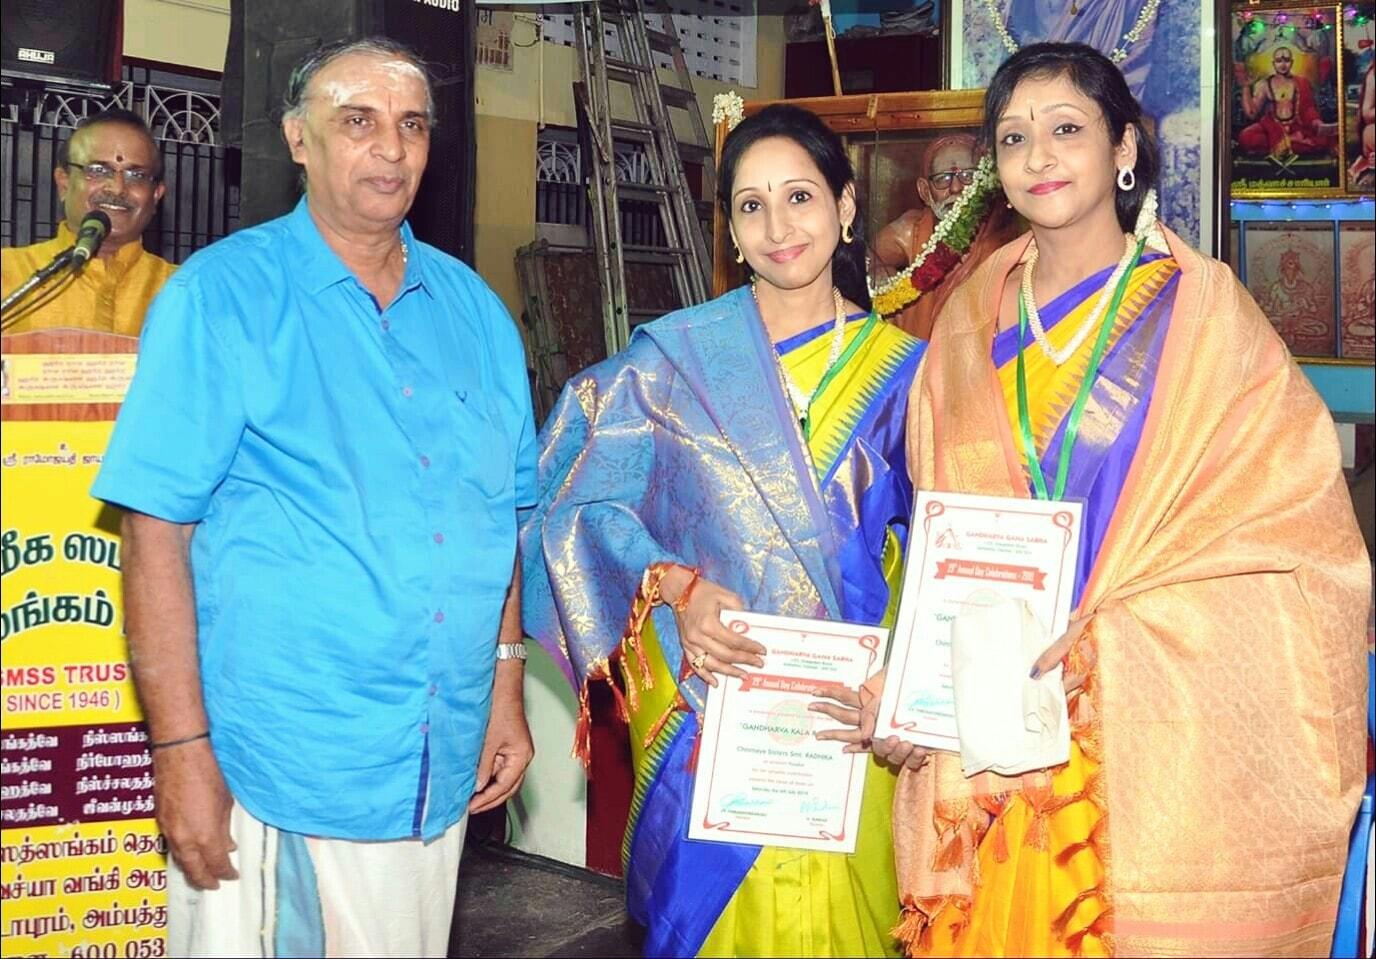 3 award